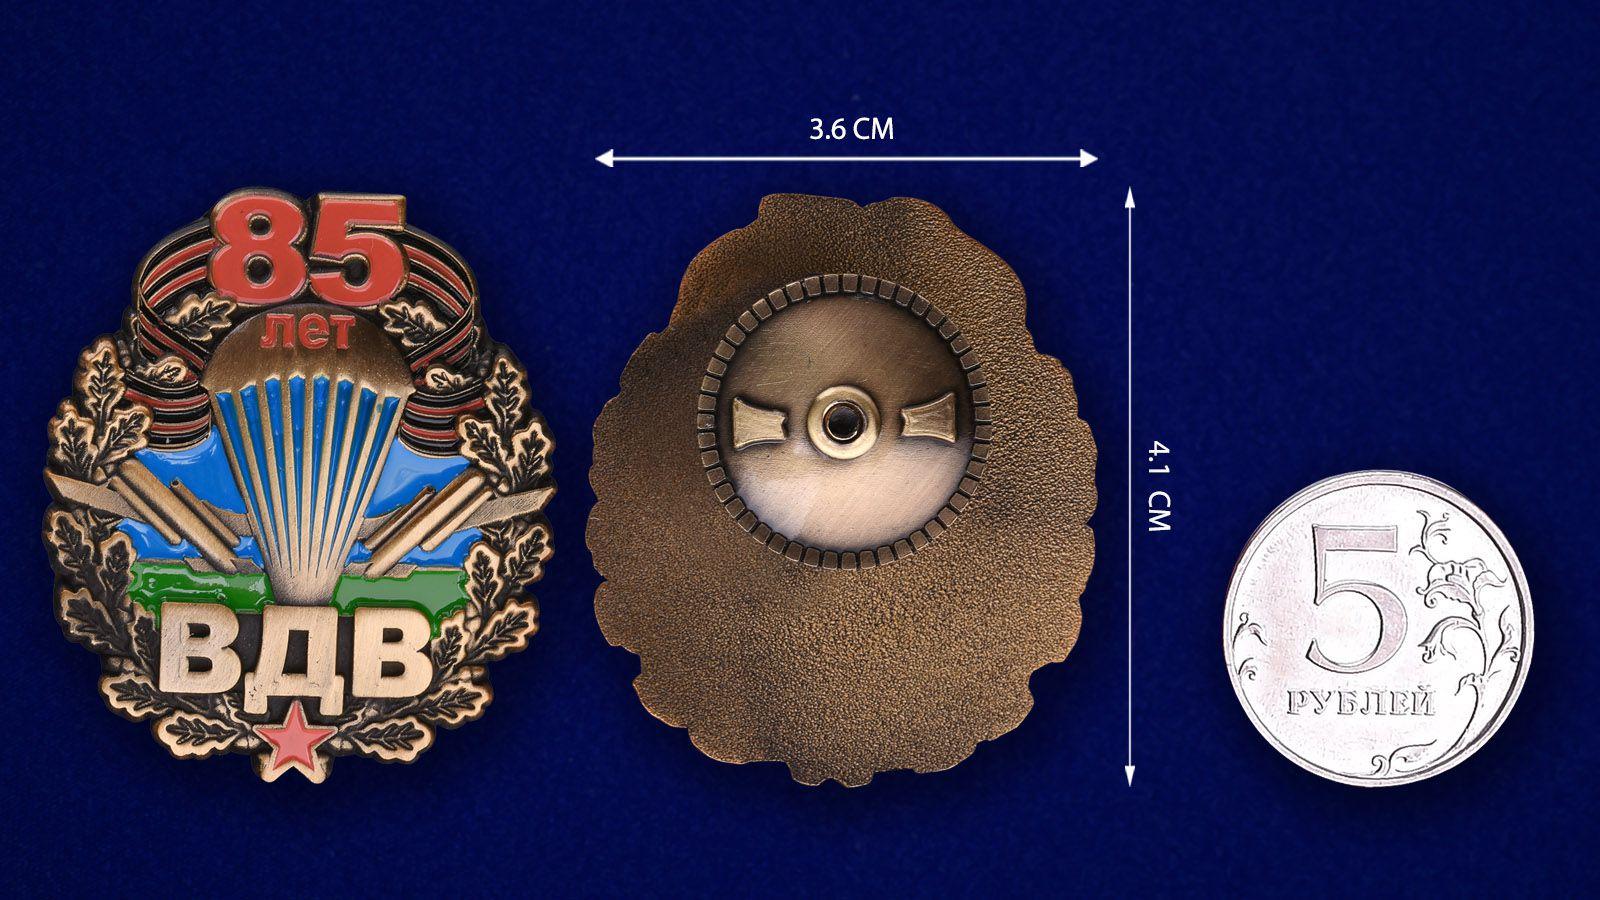 Юбилейный знак к 85-летию ВДВ-сравнительный размер